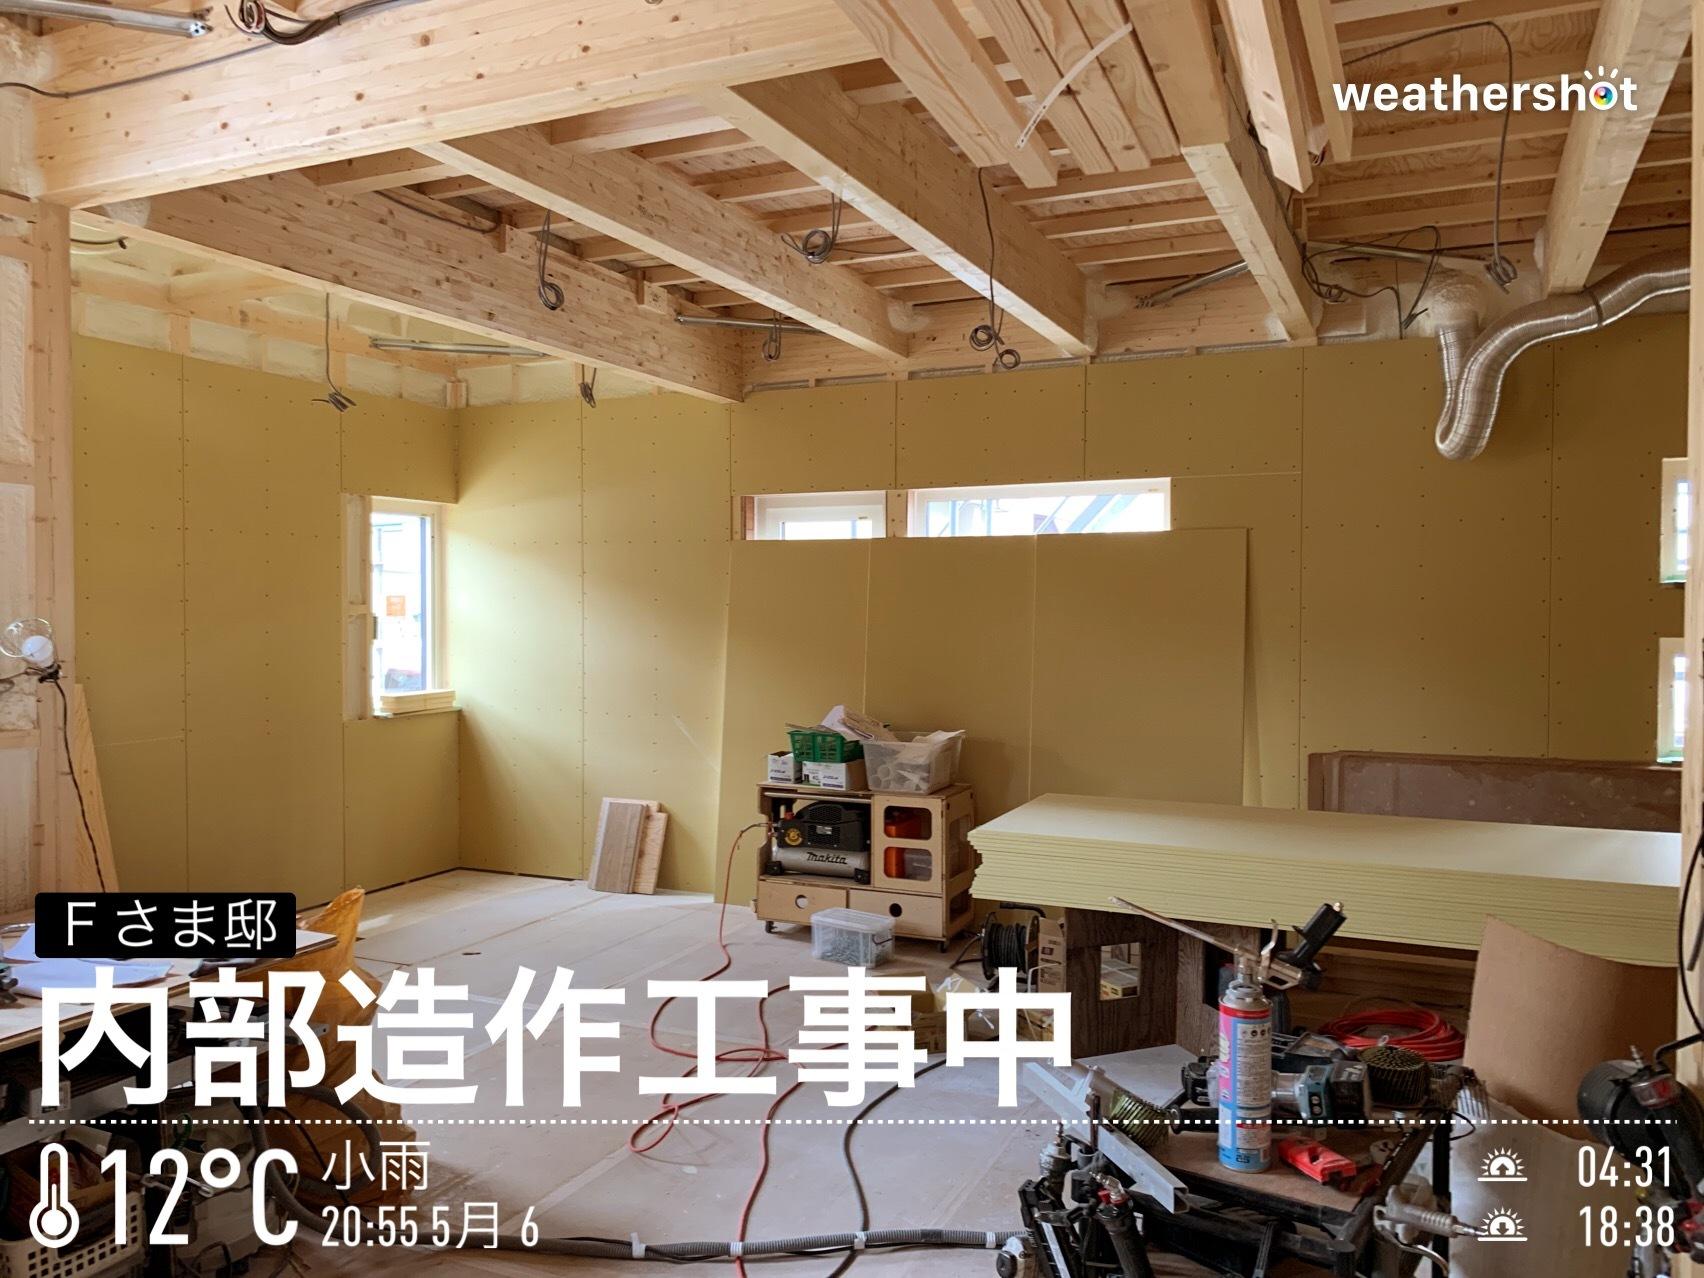 2019/5/6 内部造作工事中_f0116421_21313924.jpeg